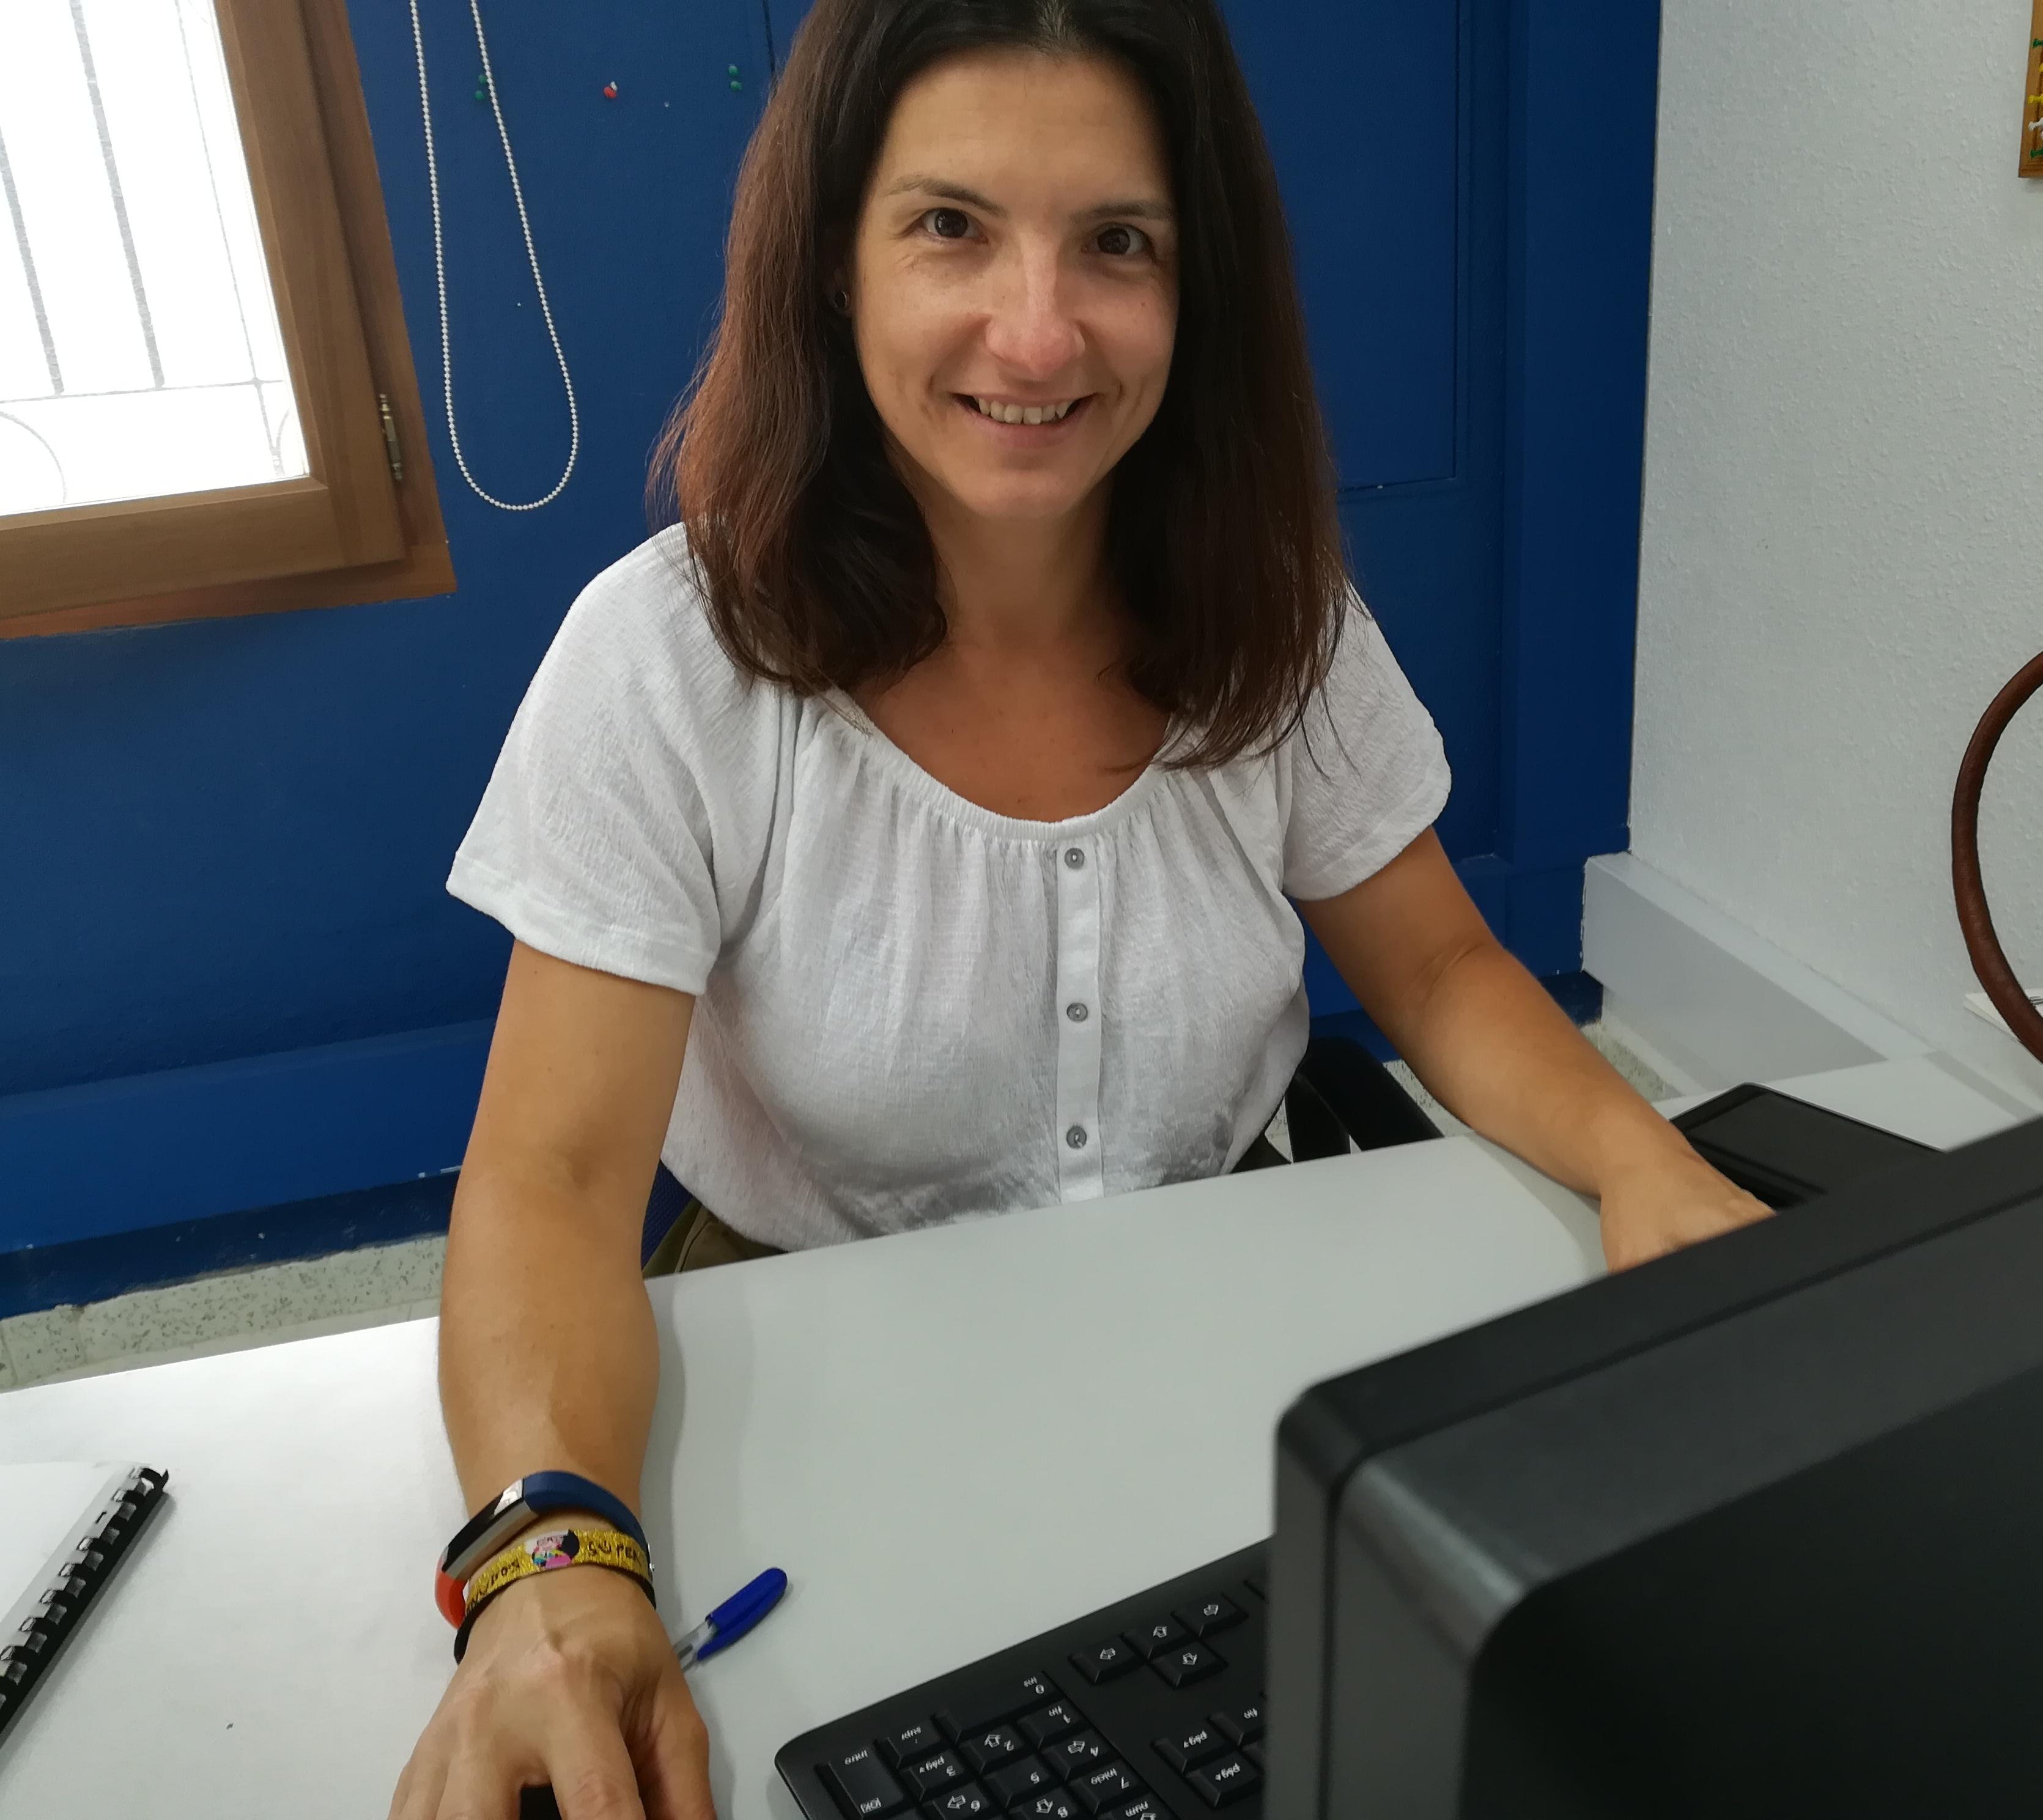 Peníscola, Dolores Bayarri sera la regidora d'Hisenda, Personal, Contractació i Esports